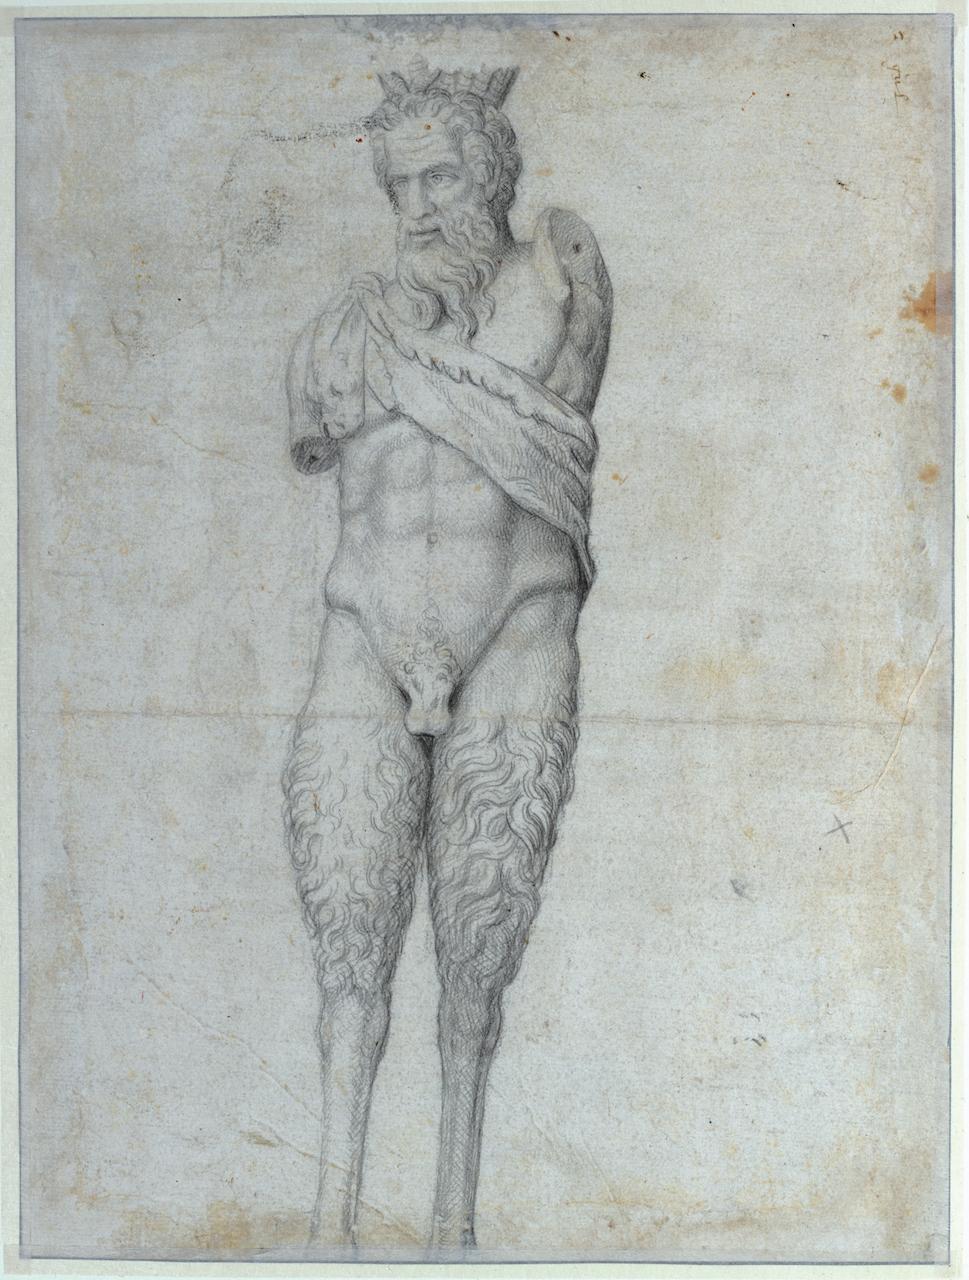 Maarten van Heemskerck, Le satyr della Valle, entre 1532 et 1536, dessin. © Paris, Bibliothèque nationale de France.